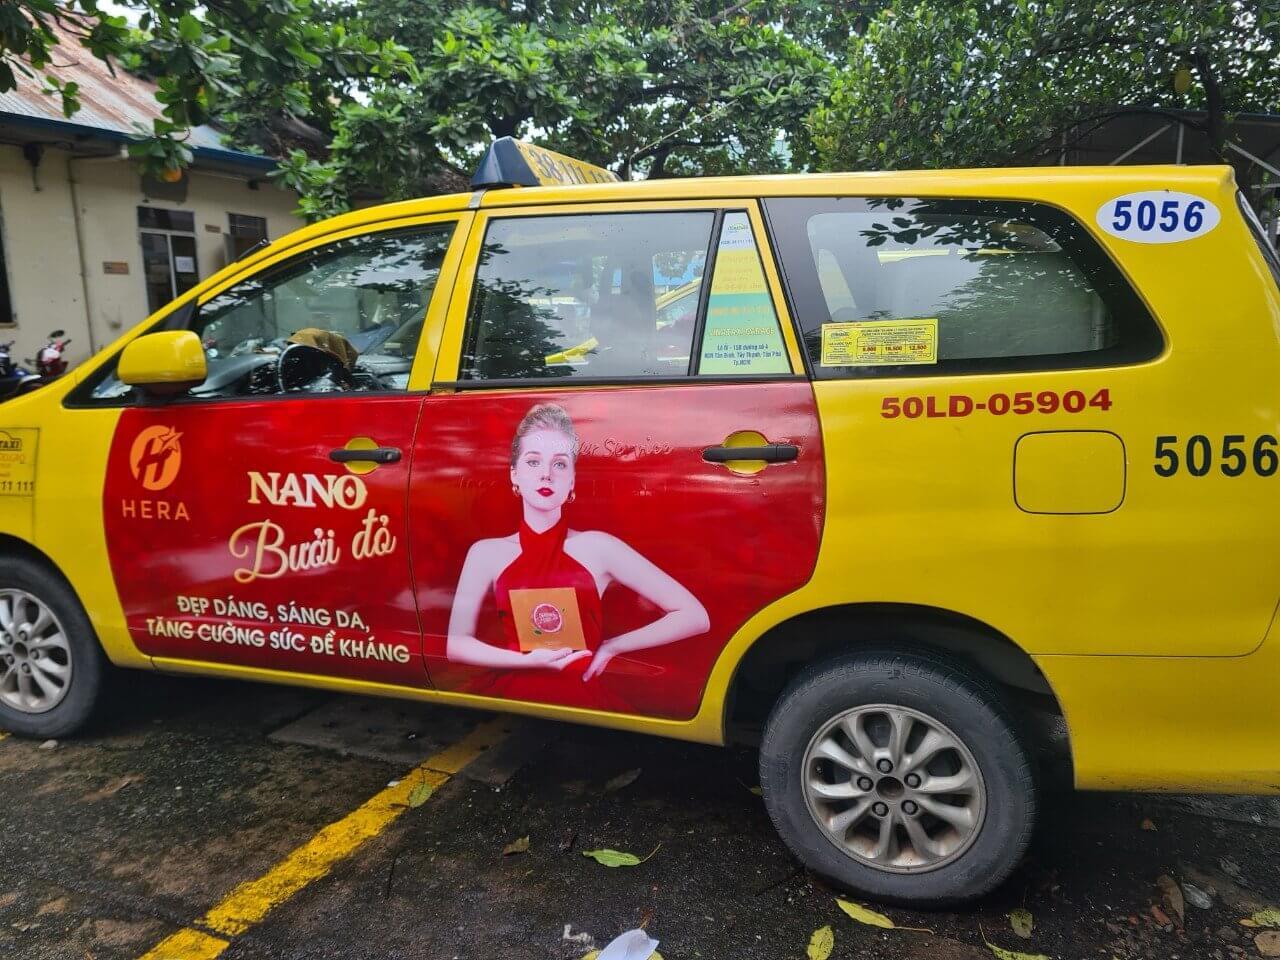 Hera nano bưởi đỏ quảng cáo trên taxi tại thành phố Hồ Chí Minh